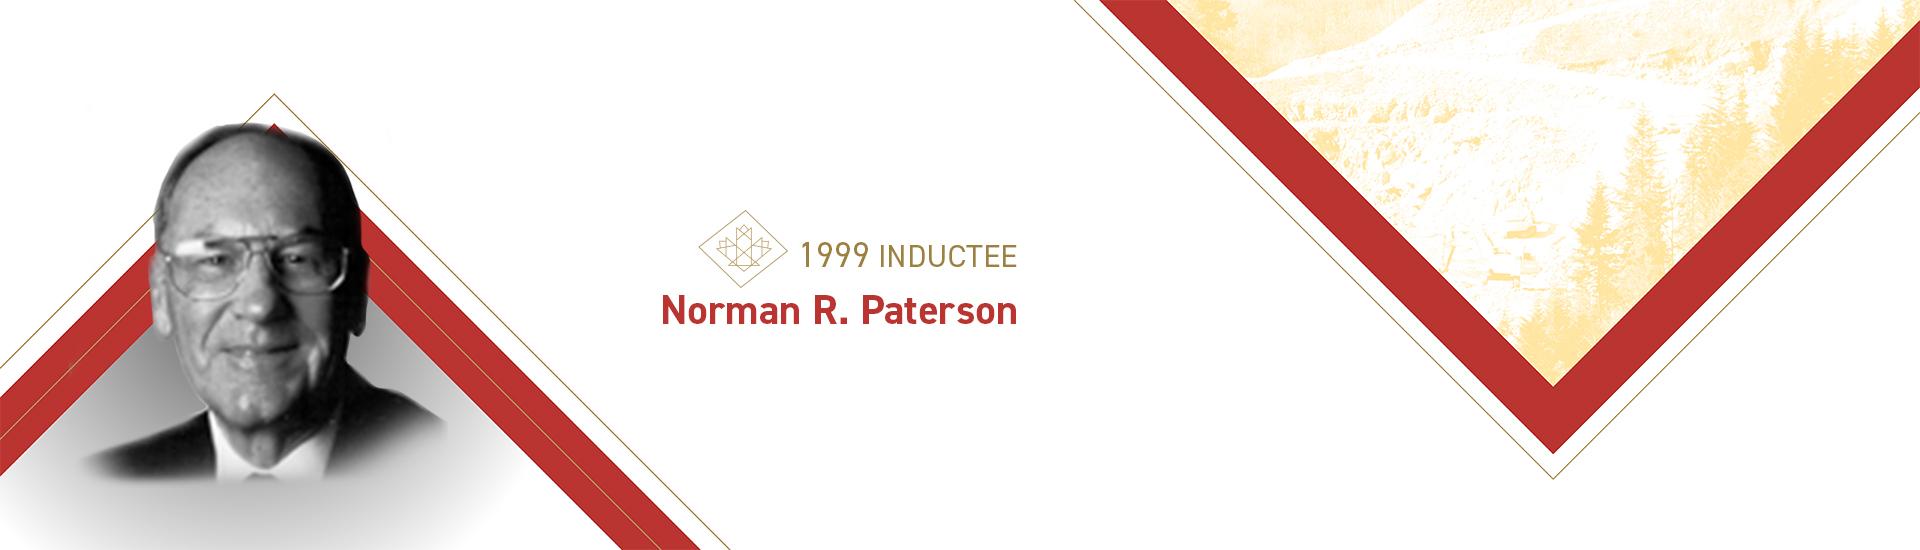 Norman R. Paterson (b. 1926)